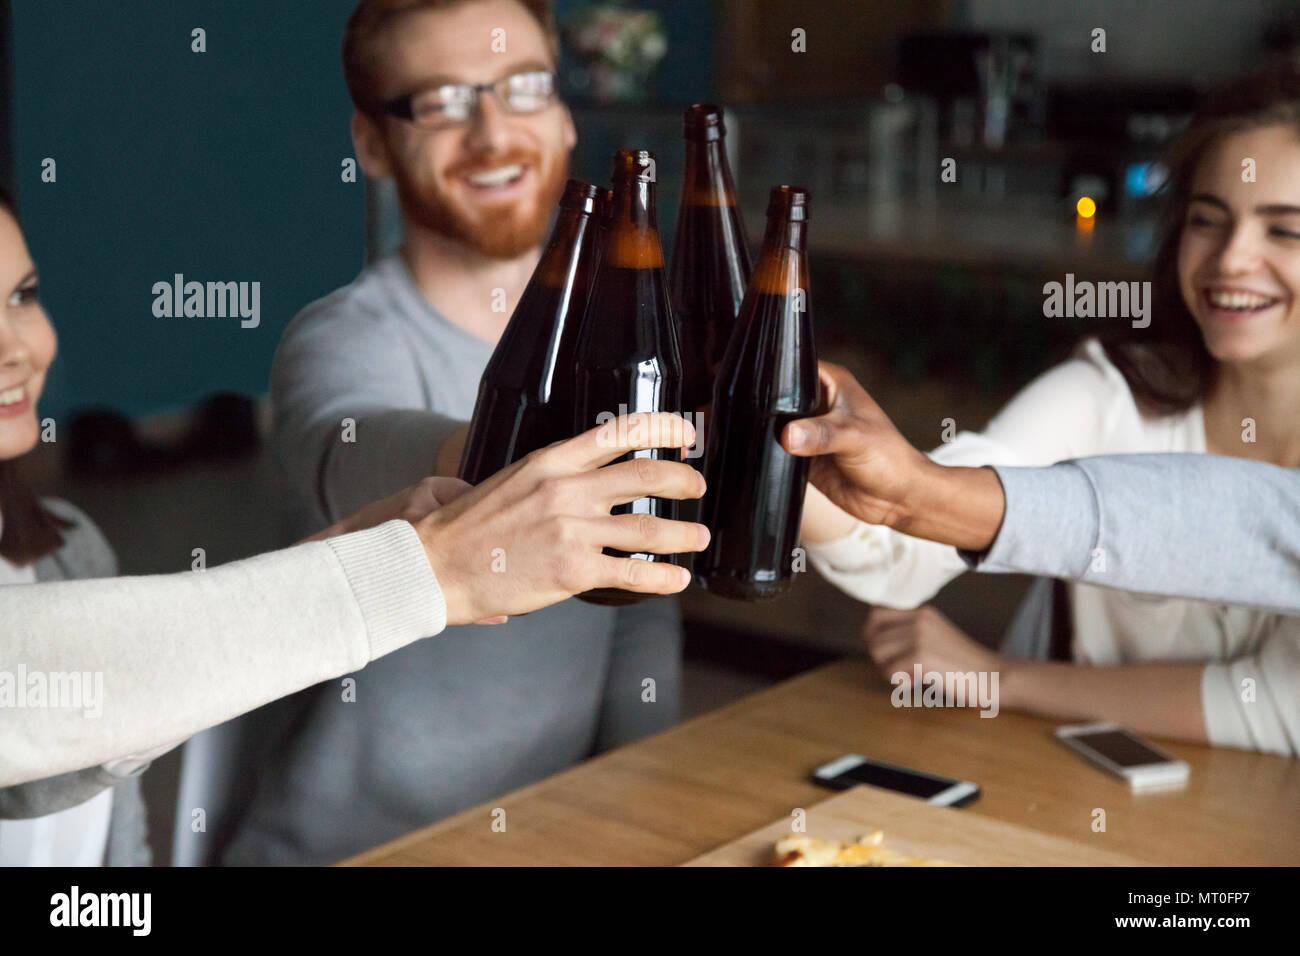 Diversos amigos tintineo de botellas de cerveza artesanal en el pub, vítores conce Imagen De Stock